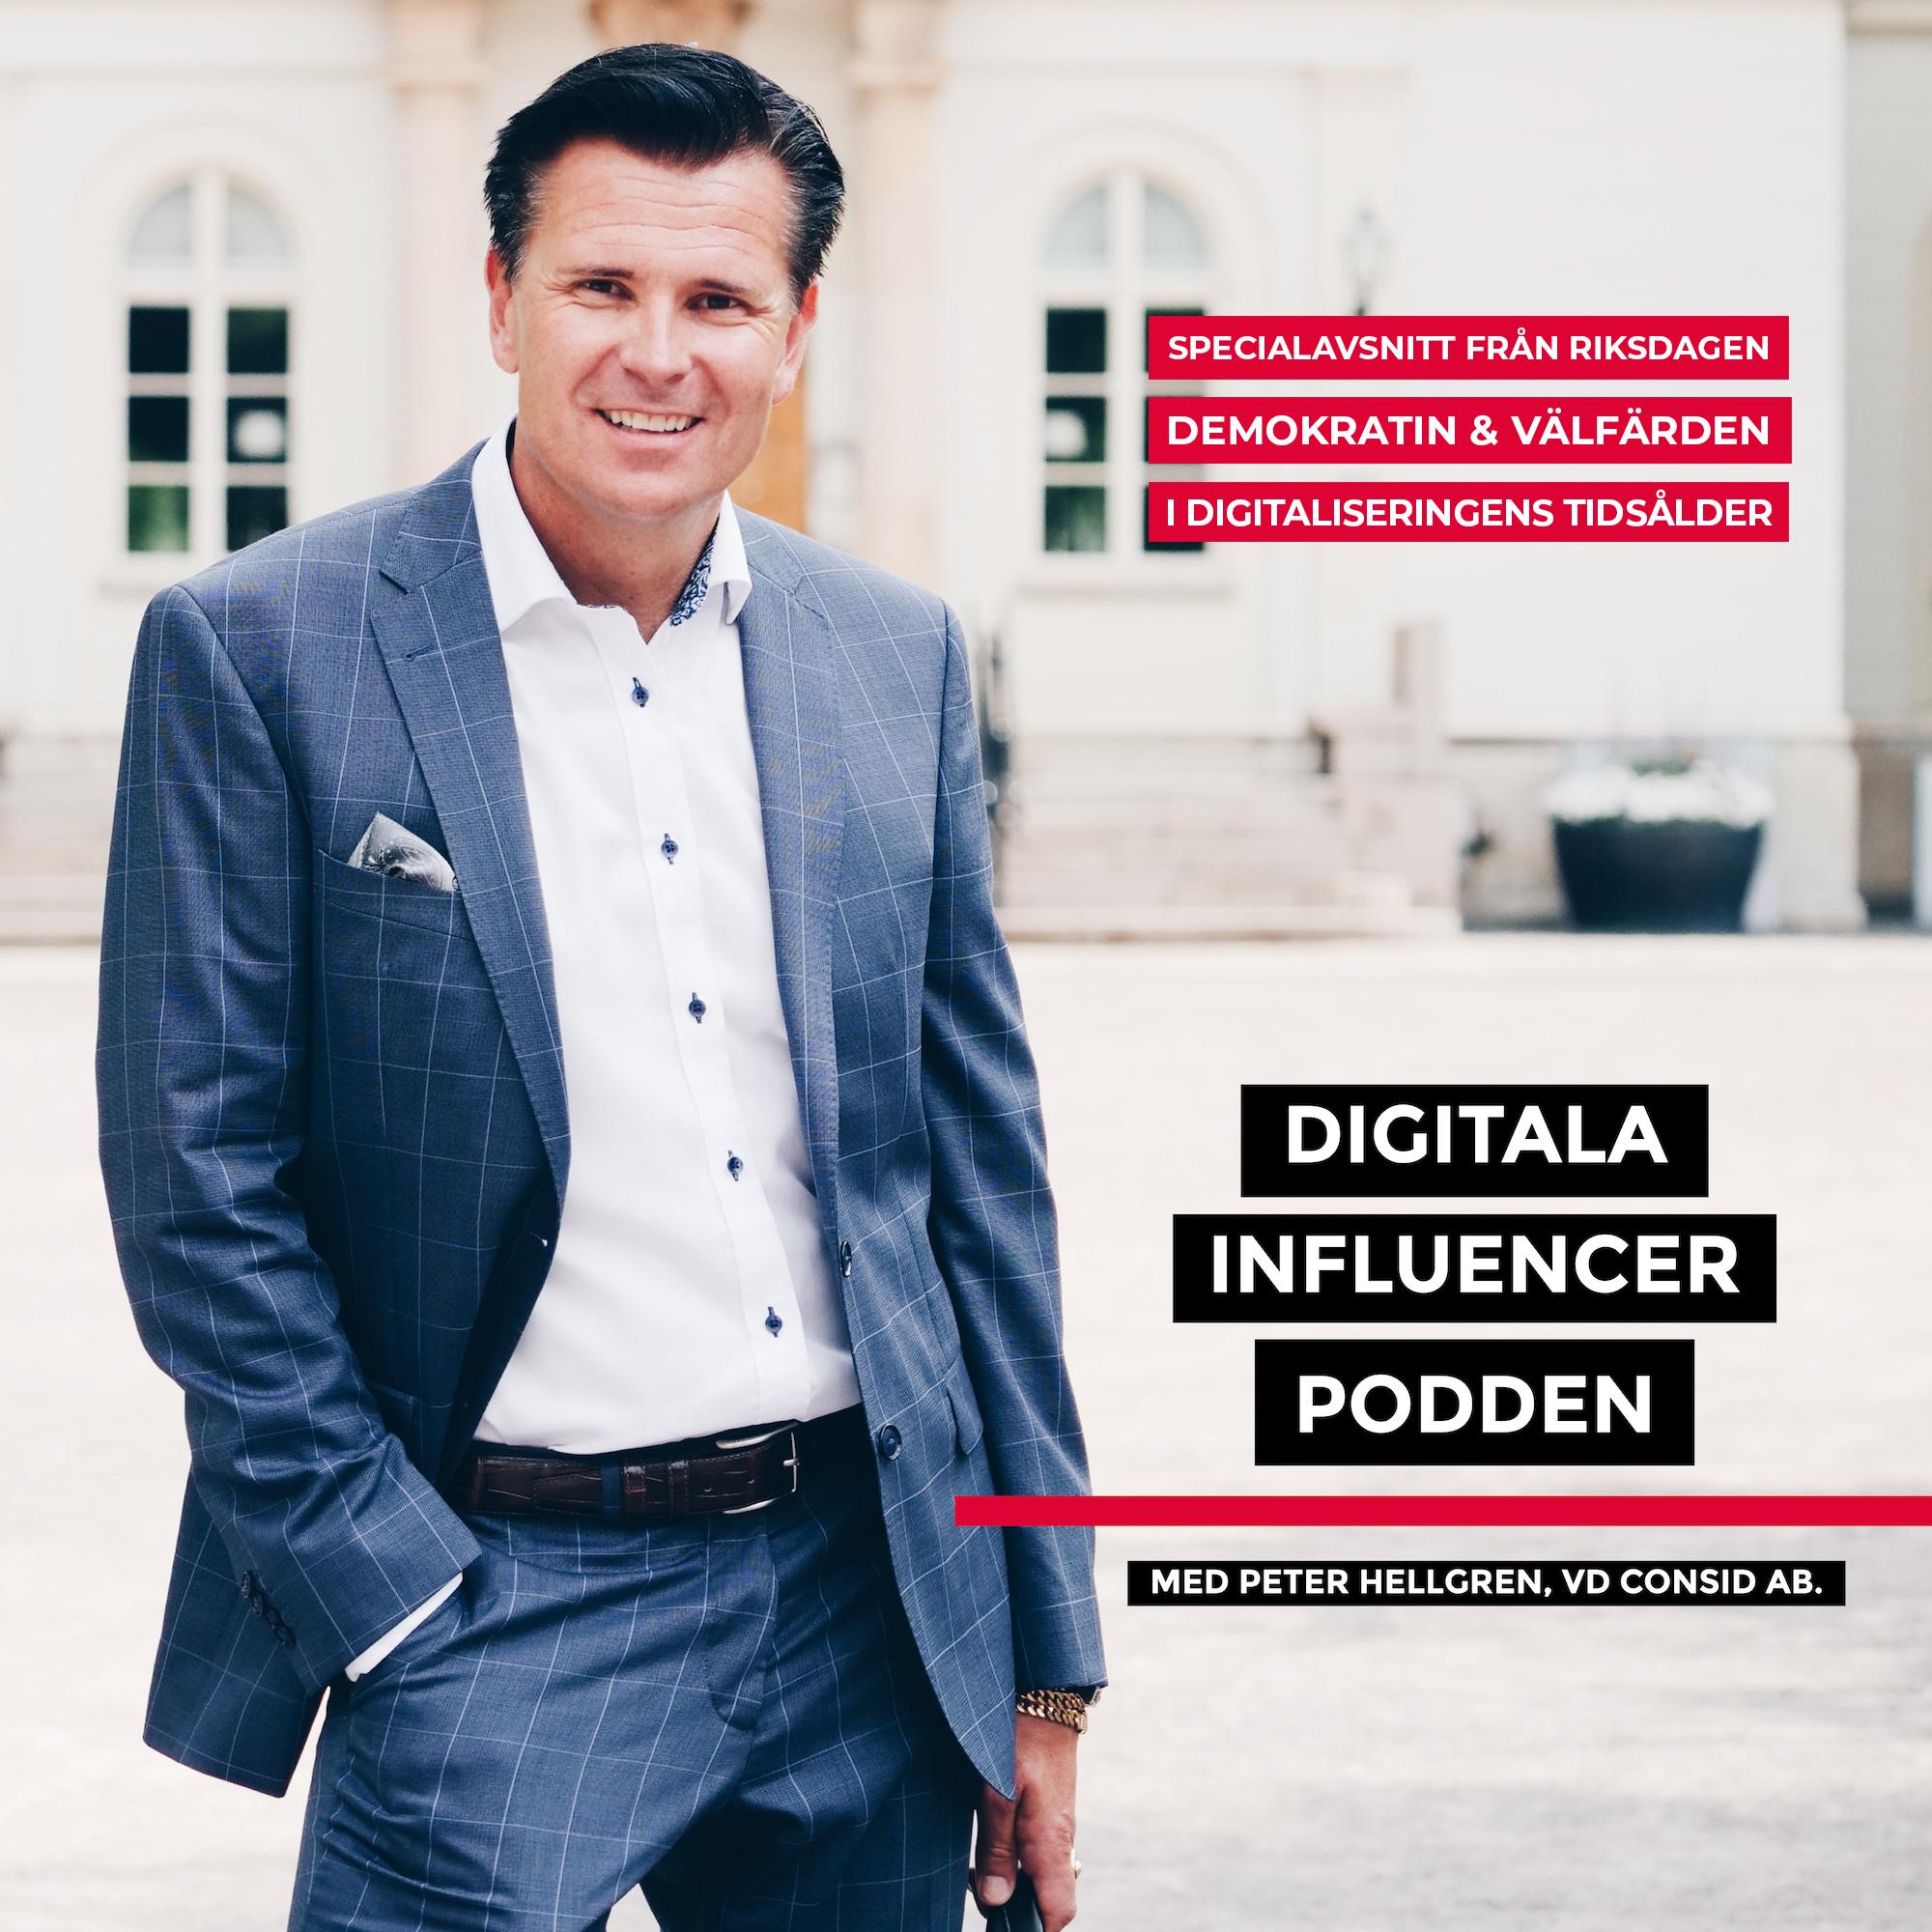 SPECIAL: Seminarium i Sveriges Riksdag - Demokratin och välfärden i digitaliseringens tidsålder